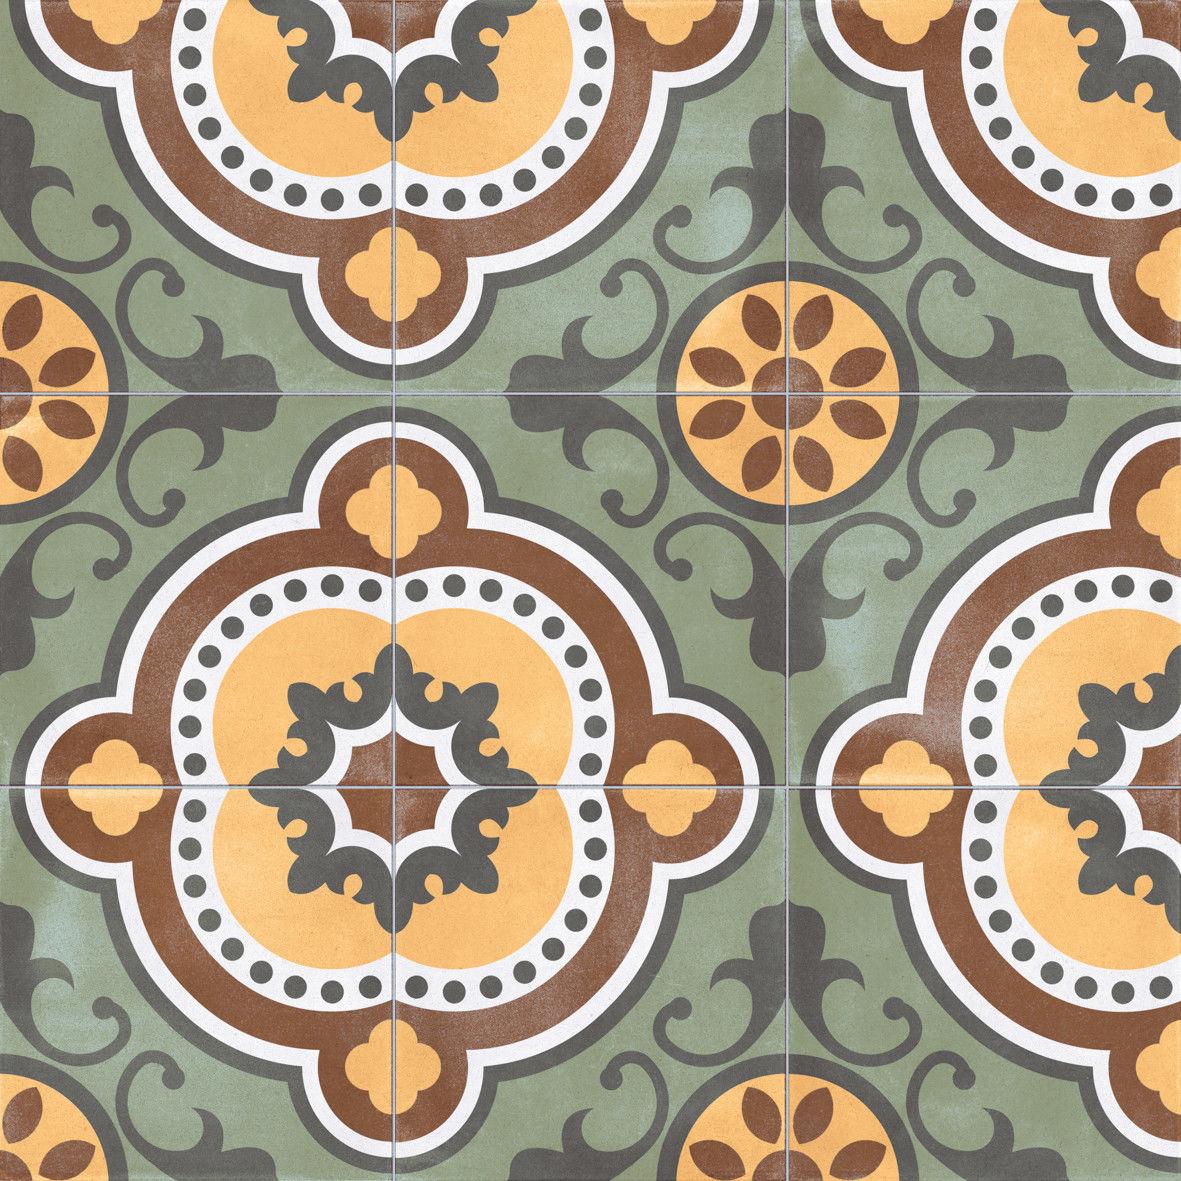 Bondi Puebla Natural 59,2x59,2 płytki patchwork